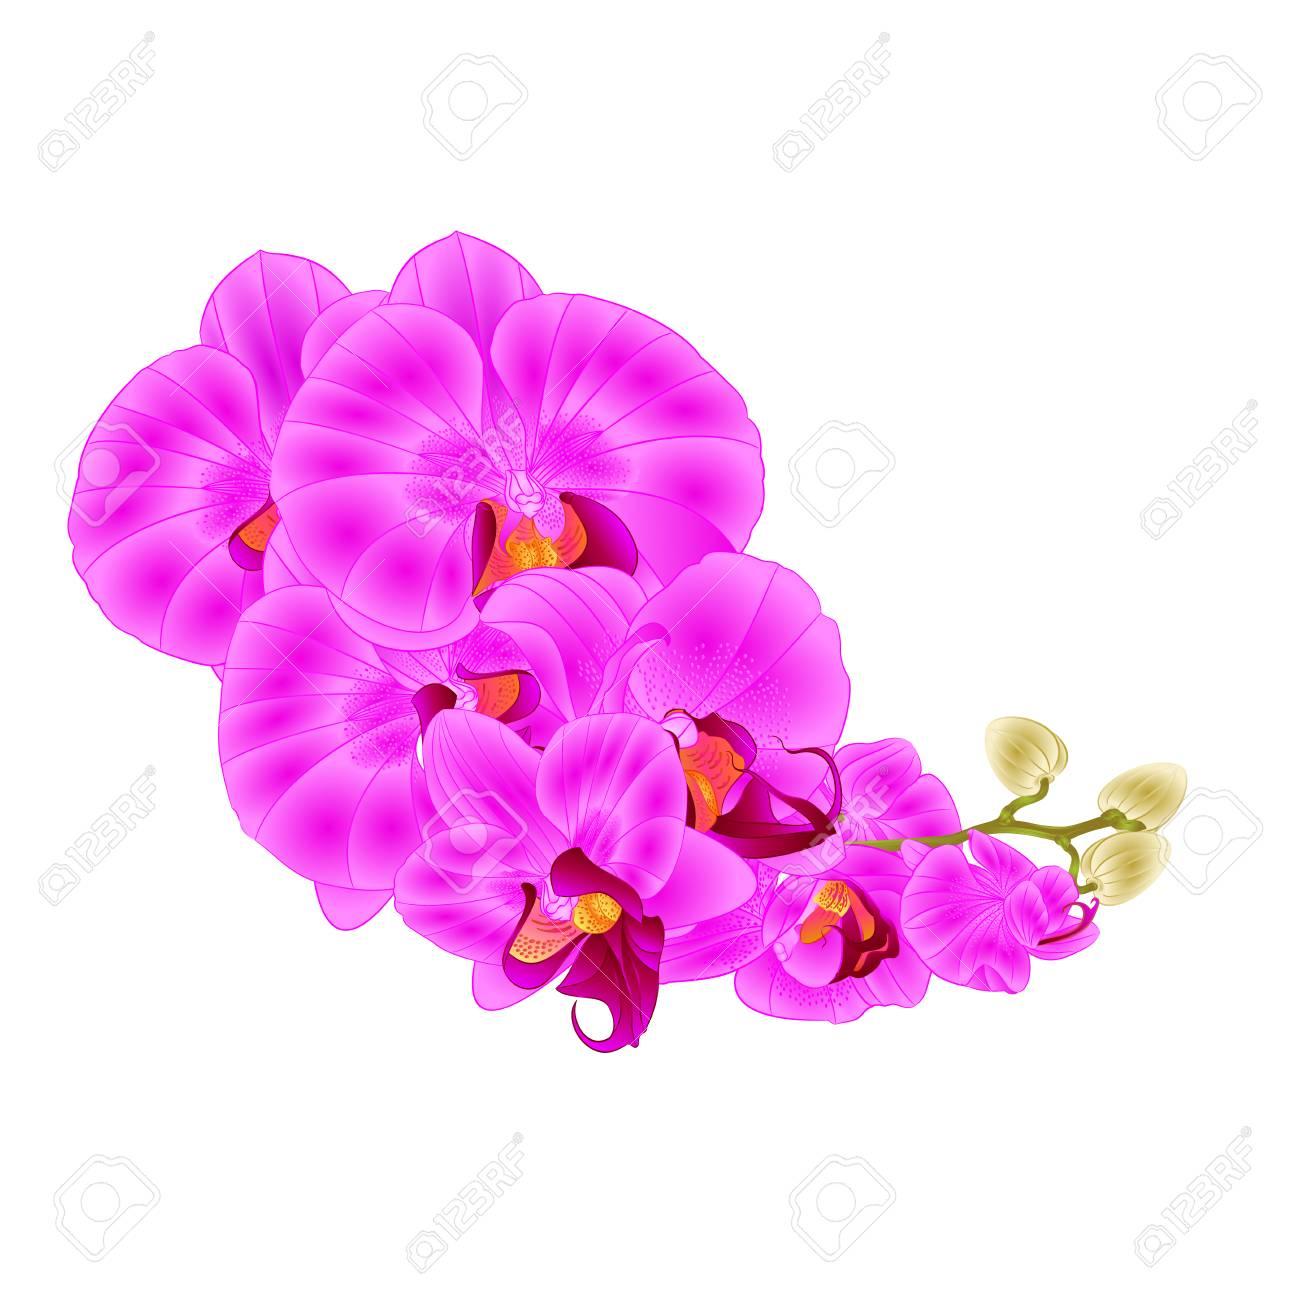 蘭の花紫の花胡蝶蘭熱帯植物ビンテージ ベクトル ボタニカル イラスト